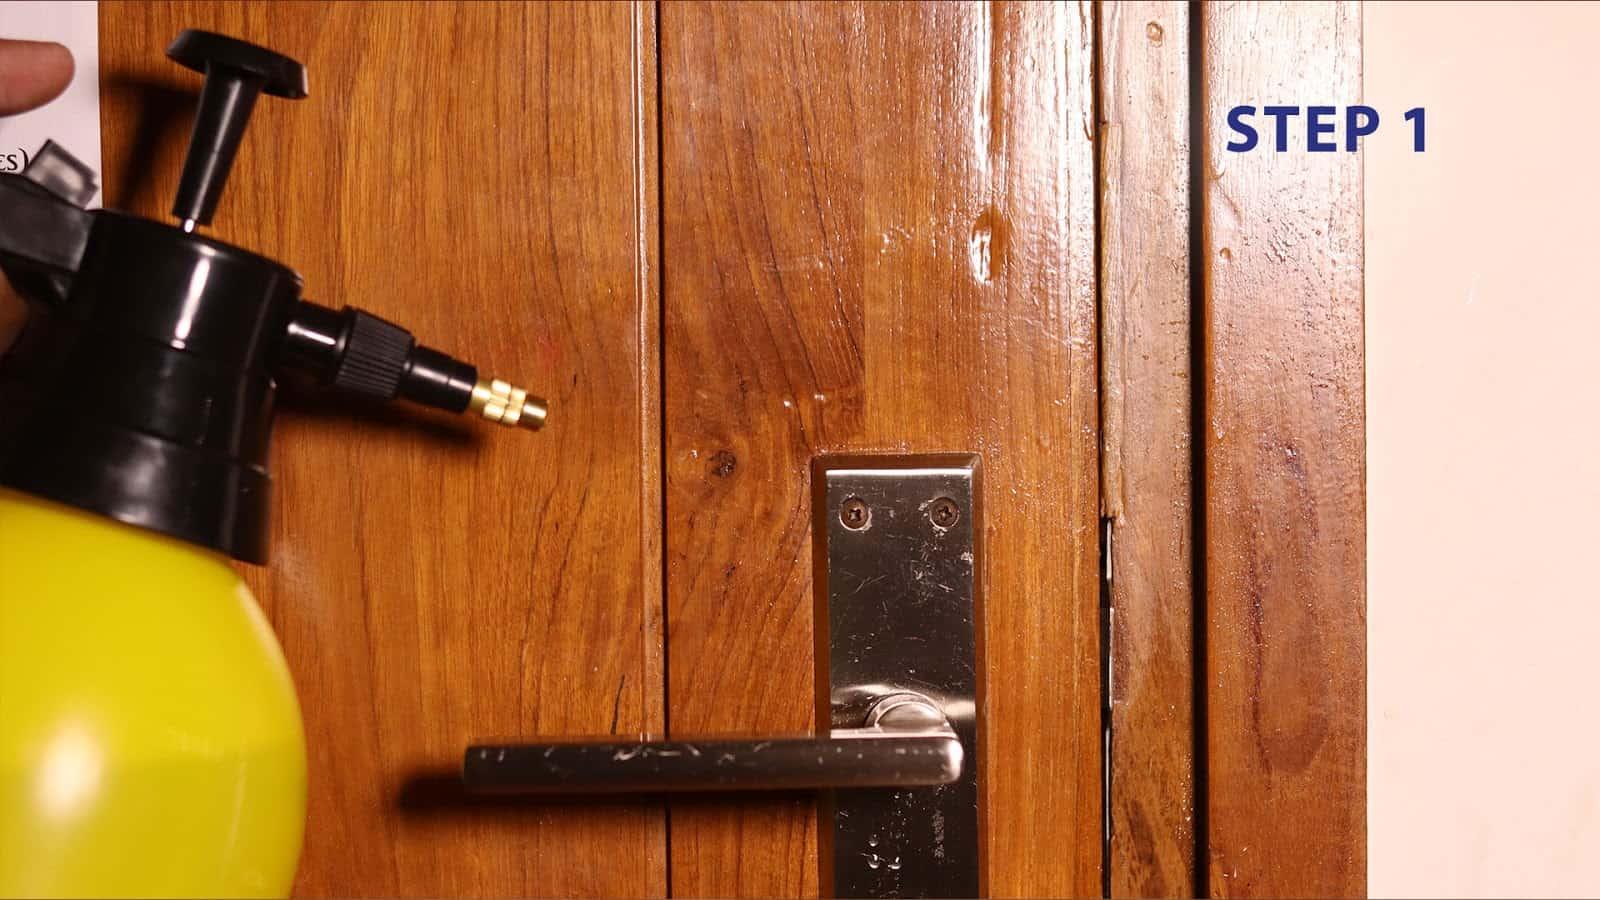 Steps for door lock maintenance